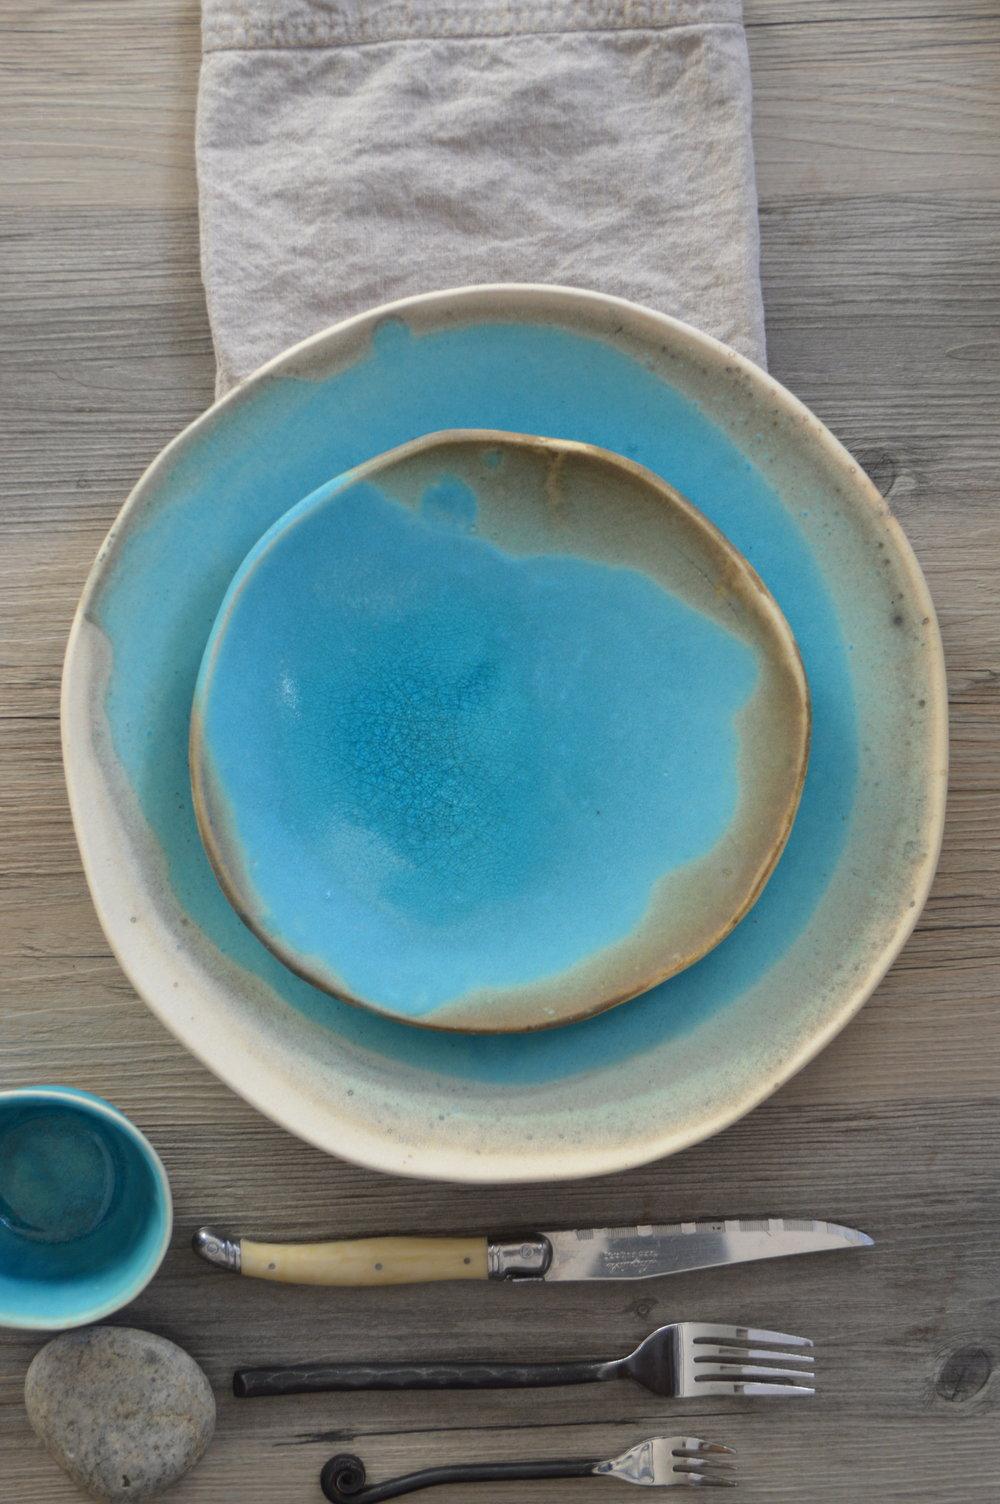 Ceramic dinner set in aqua - dinnerware set - turquoise plates & DSC_0038.JPG?formatu003d500w